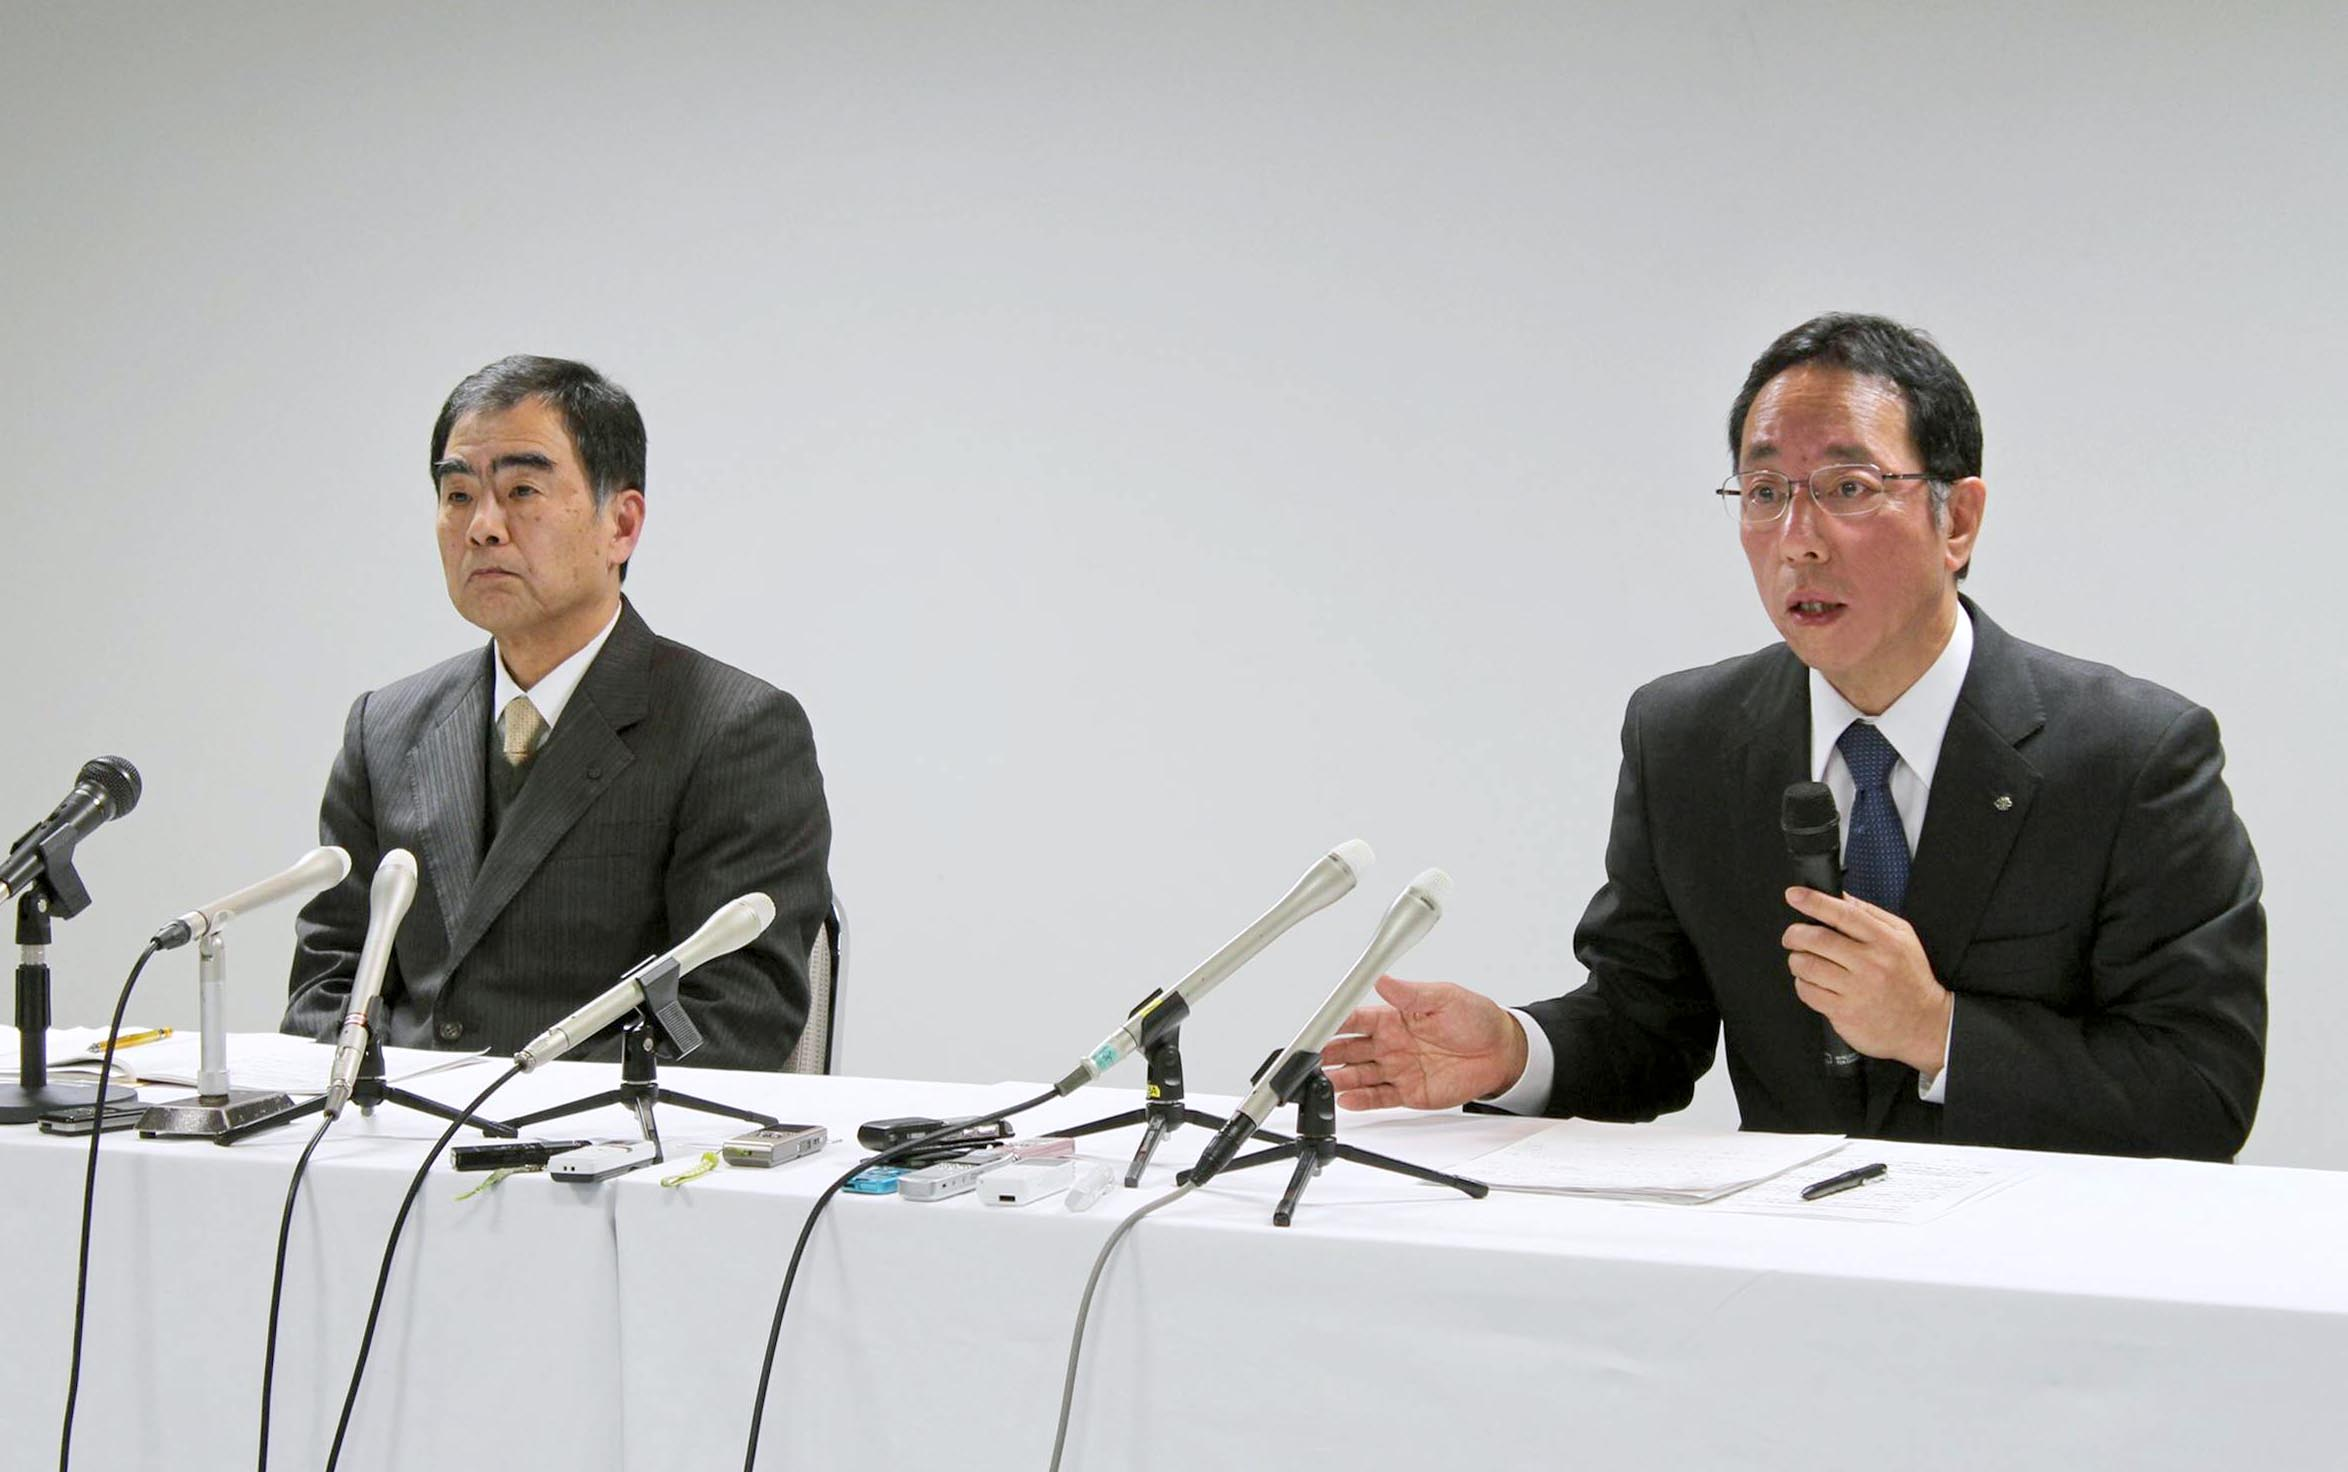 日本原燃は7日に都内で開いた臨時取締役会で、増田尚宏特別顧問の取締役就任を内定した。臨時株主総会などを経て正式に決定し、1月1日付で社長に就く見込み。工藤健二社長は相談役に退く。写真は同日、青森市内で行われた会見に臨む増田特別顧問(右)と工藤社長